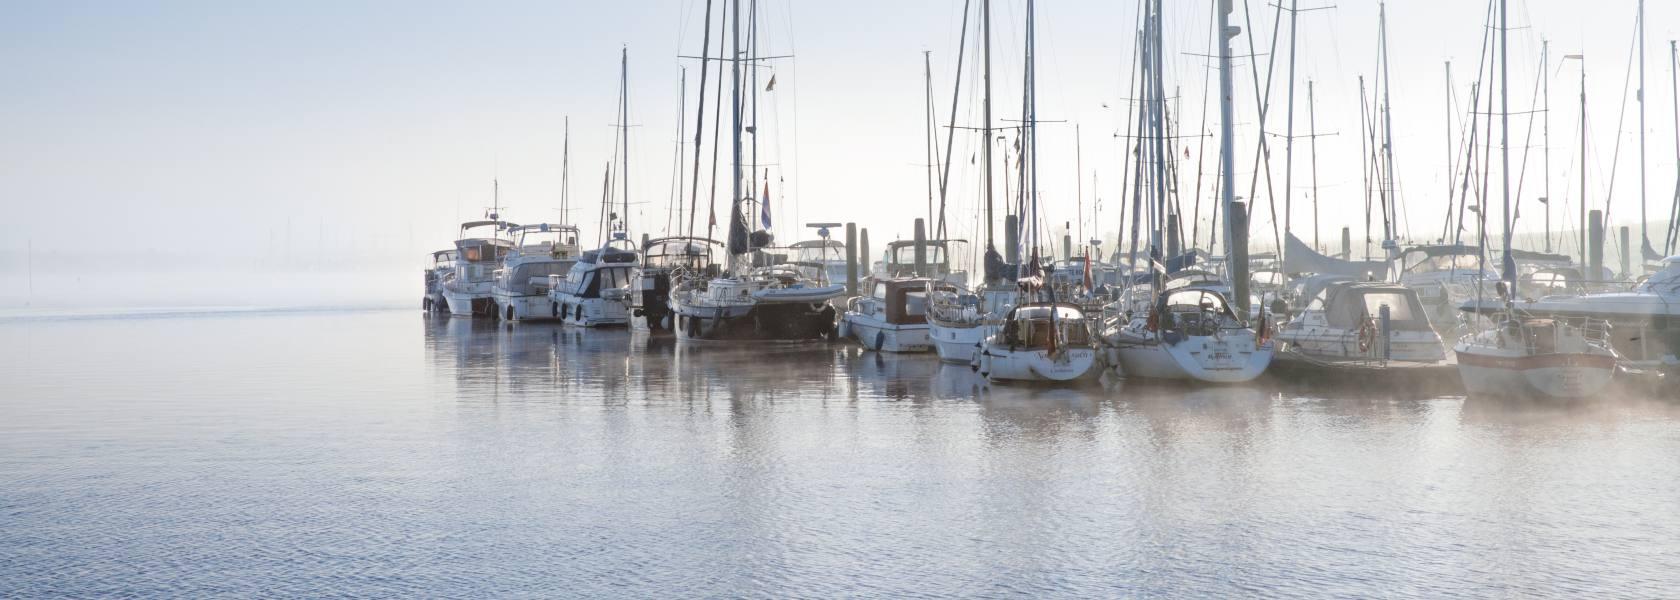 Am Hafen Greetsiel werden am Silvesterabend höchstwahrscheinlich viele Urlauber eintreffen, um das neue Jahr zu begrüßen., © Dietmar Scherf